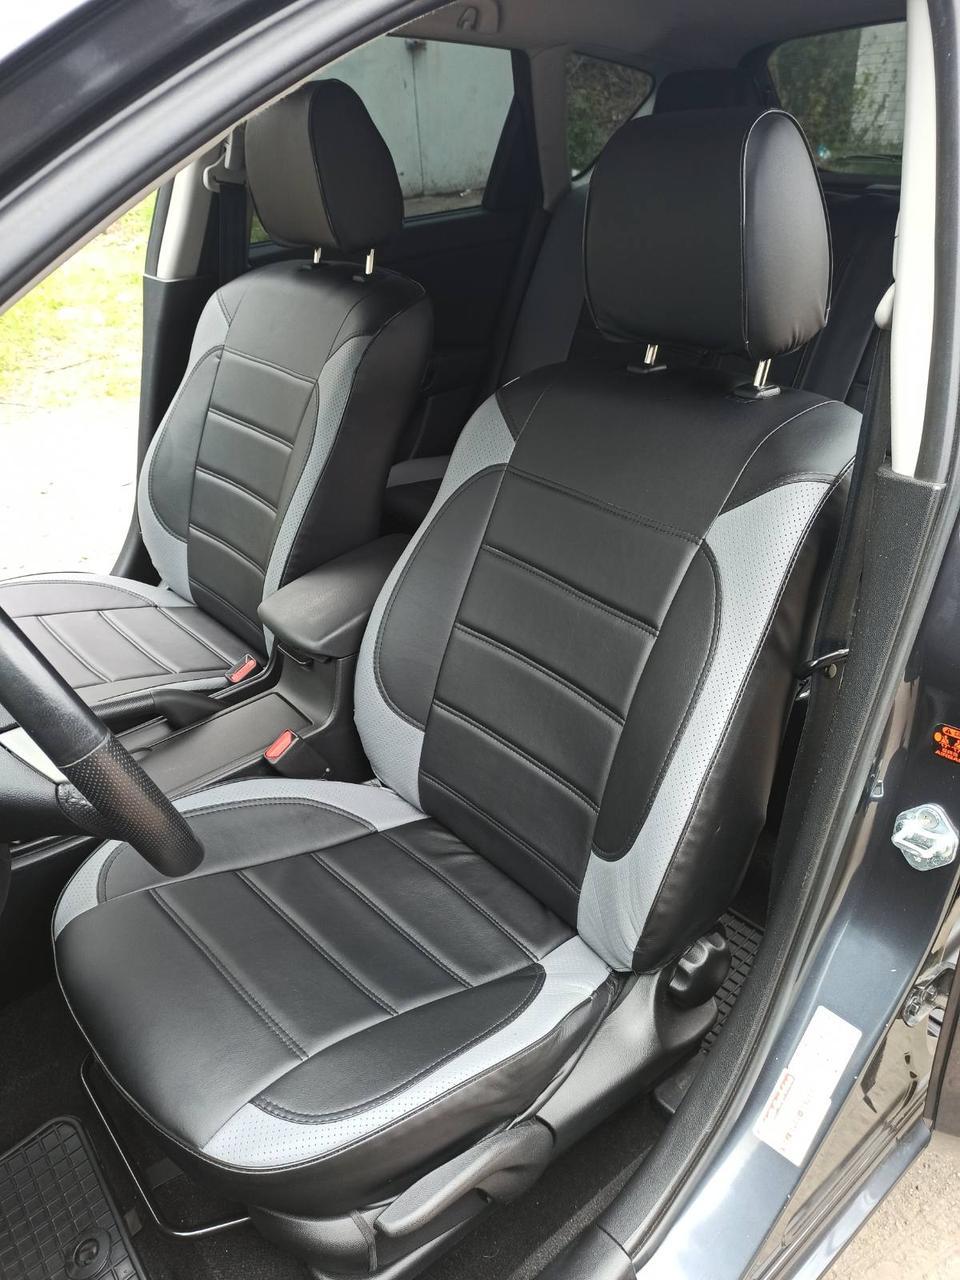 Чехлы на сиденья Шевроле Авео Т200 (Chevrolet Aveo T200) модельные MAX-L из экокожи Черно-серый